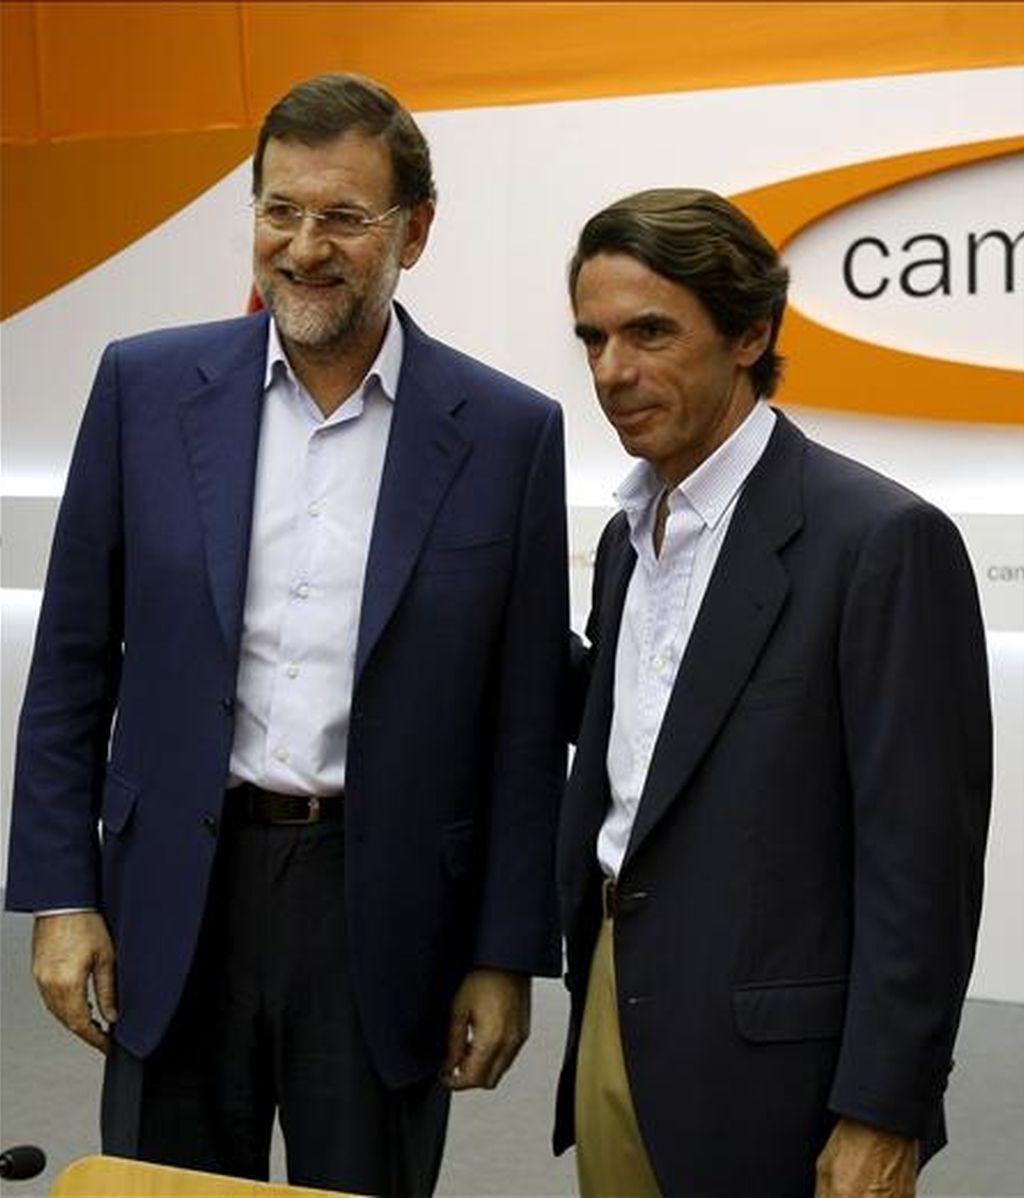 El presidente del Partido Popular, Mariano Rajoy (i), que intervino hoy en la clausura del campus de verano FAES, que tiene lugar en Navacerrada (Madrid), acompañado del ex presidente del Gobierno y el presidente de Honor del PP, José María Aznar. EFE